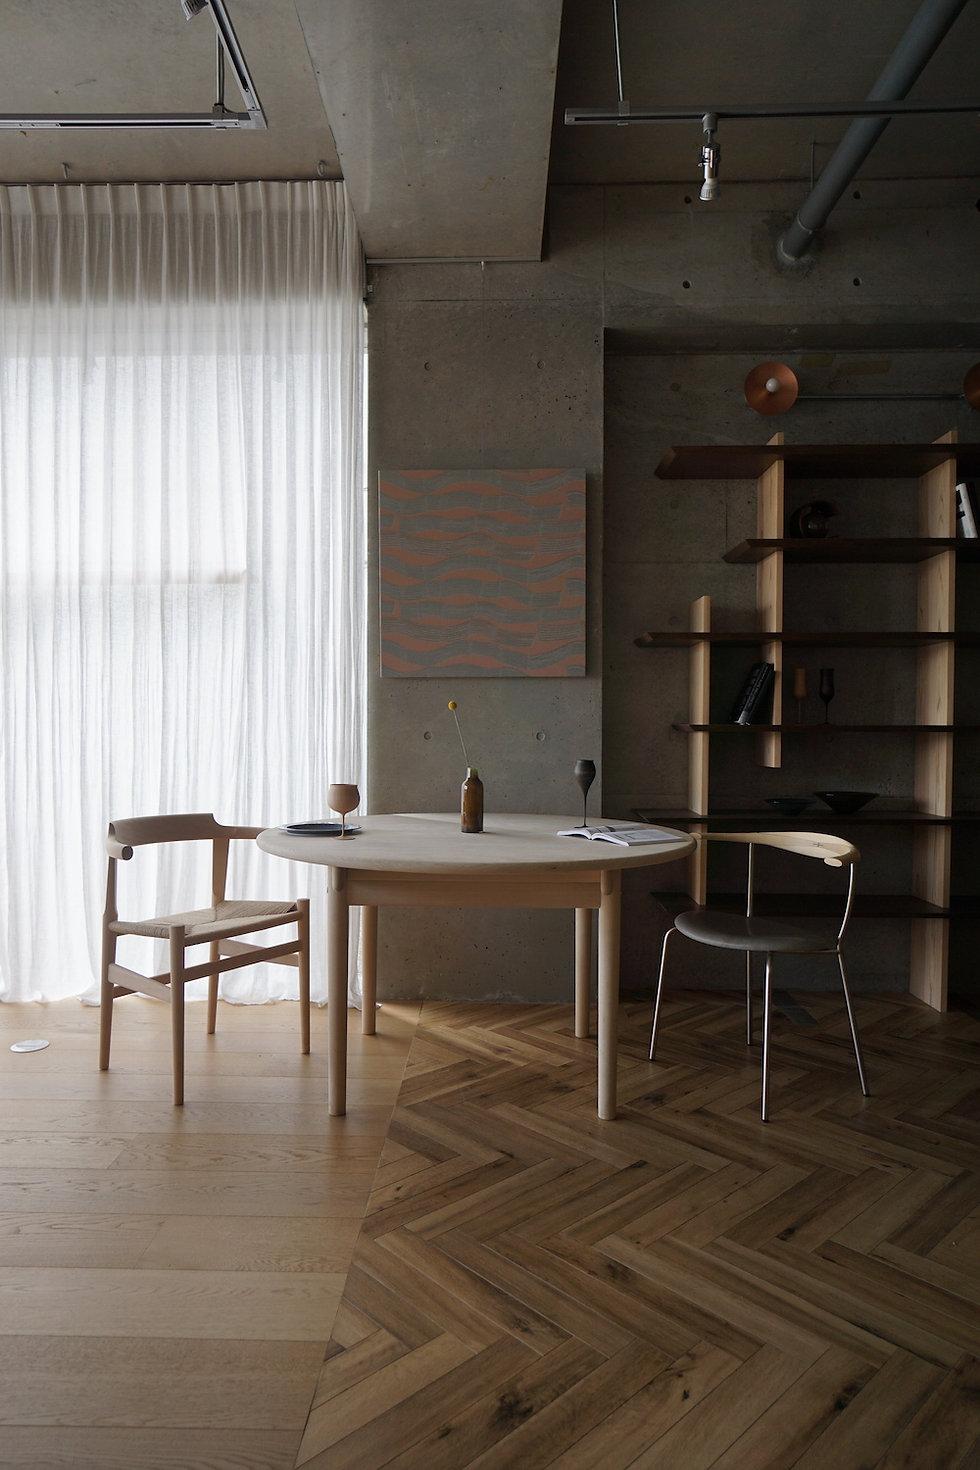 COKUの取扱家具の紹介、PPMoblerのテーブルと椅子をコーディネート